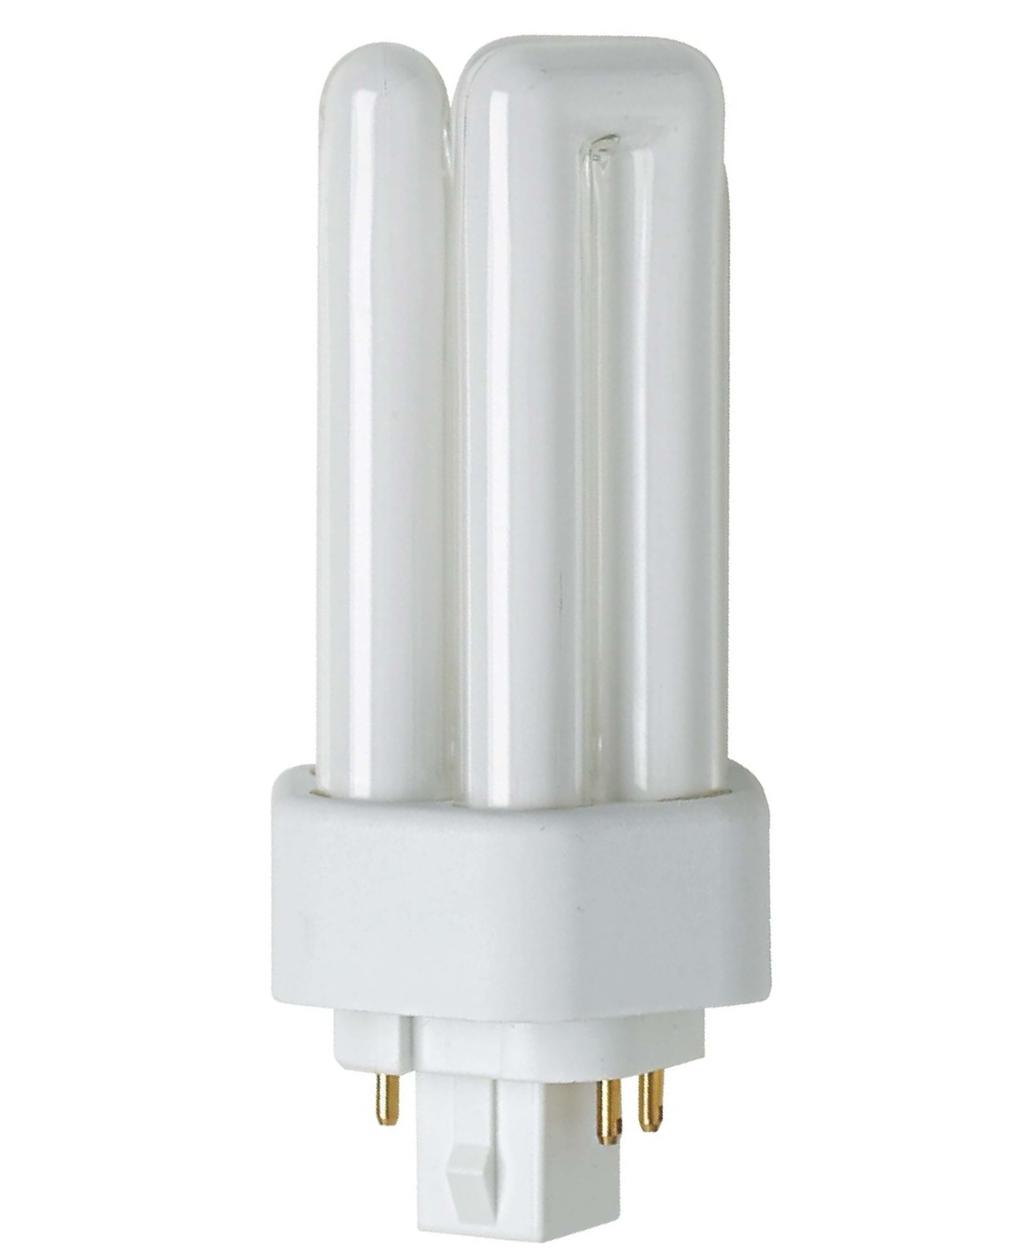 1 Stk TC-Tel 18W 840 Gx24Q-2, Kaltweiß, Kompaktleuchtstofflampe LI62180018